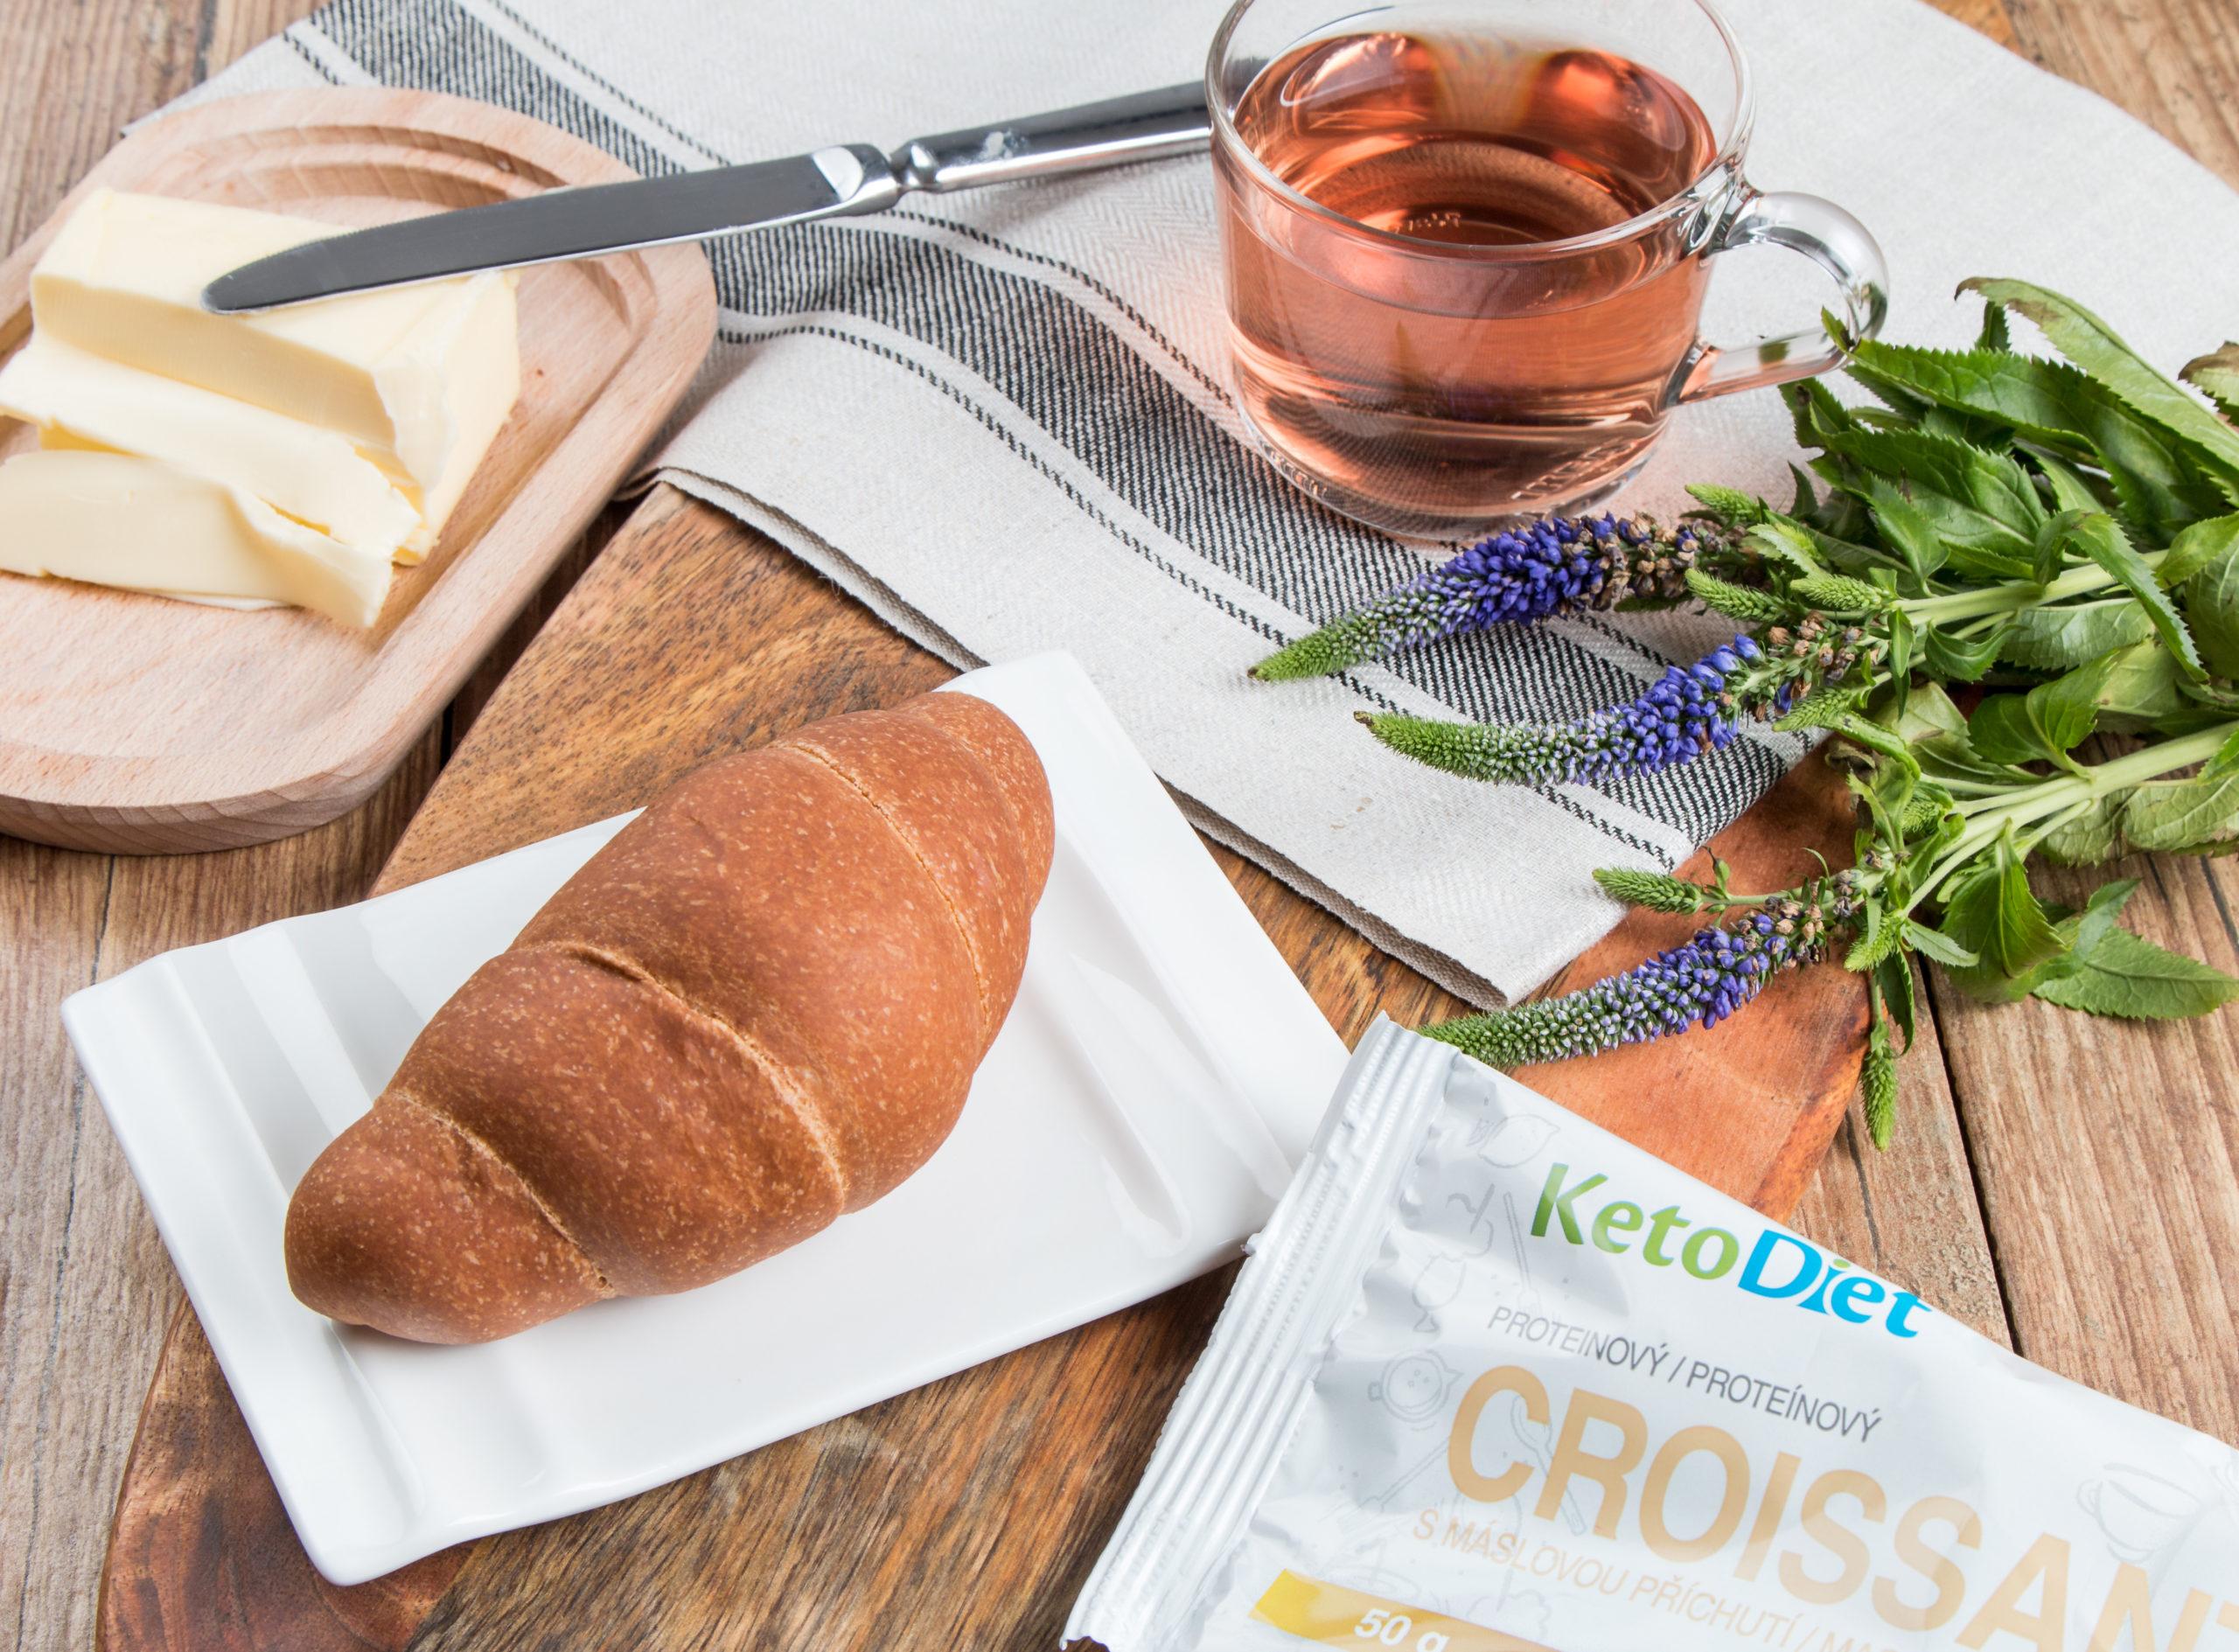 KetoPoint_Praha_croissant